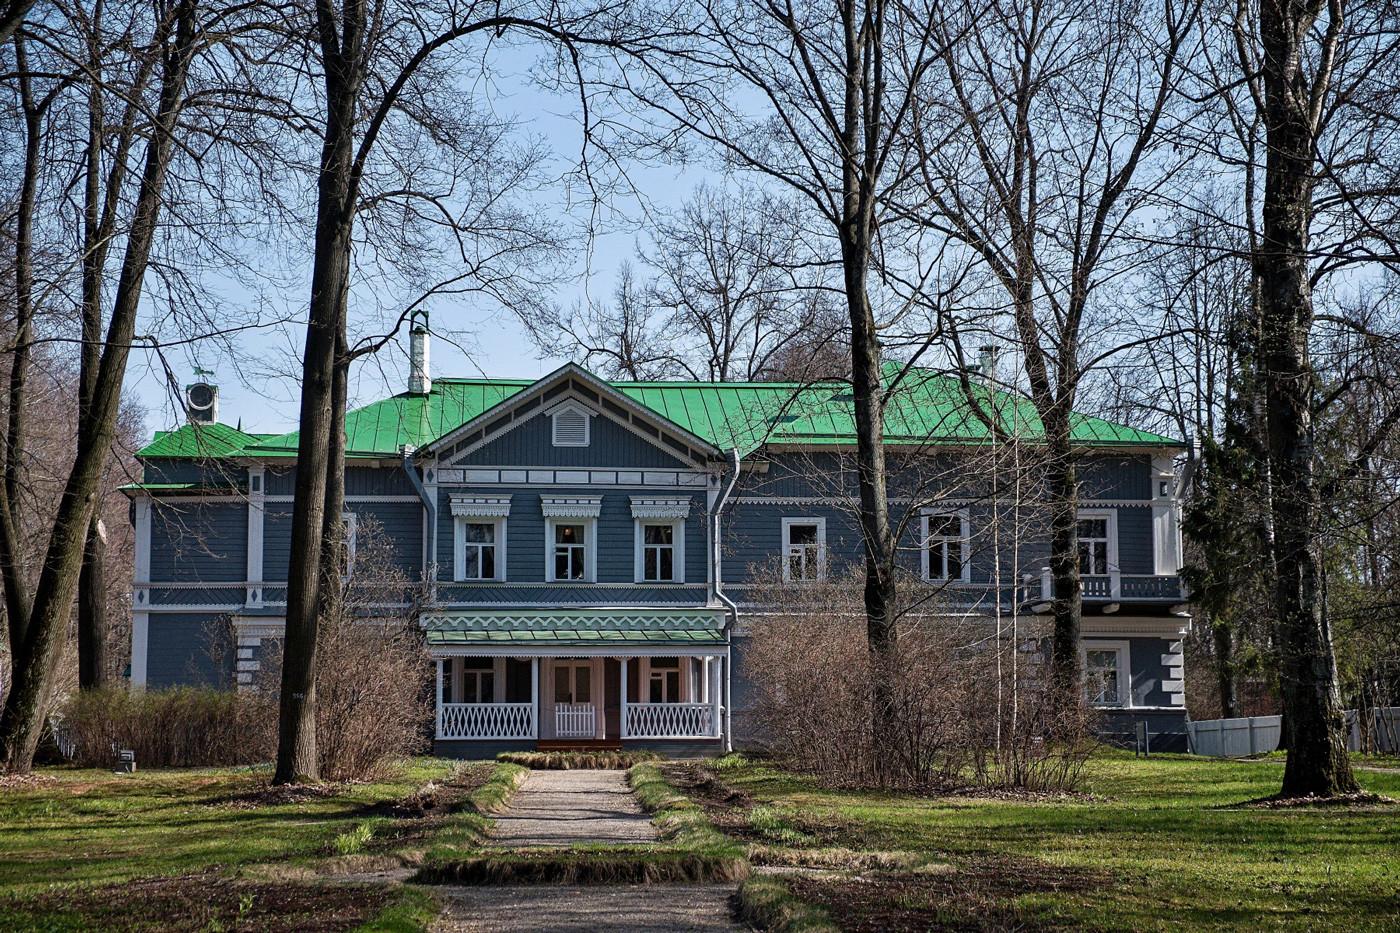 Kuća-muzej P. Čajkovskog. Klin, Rusija